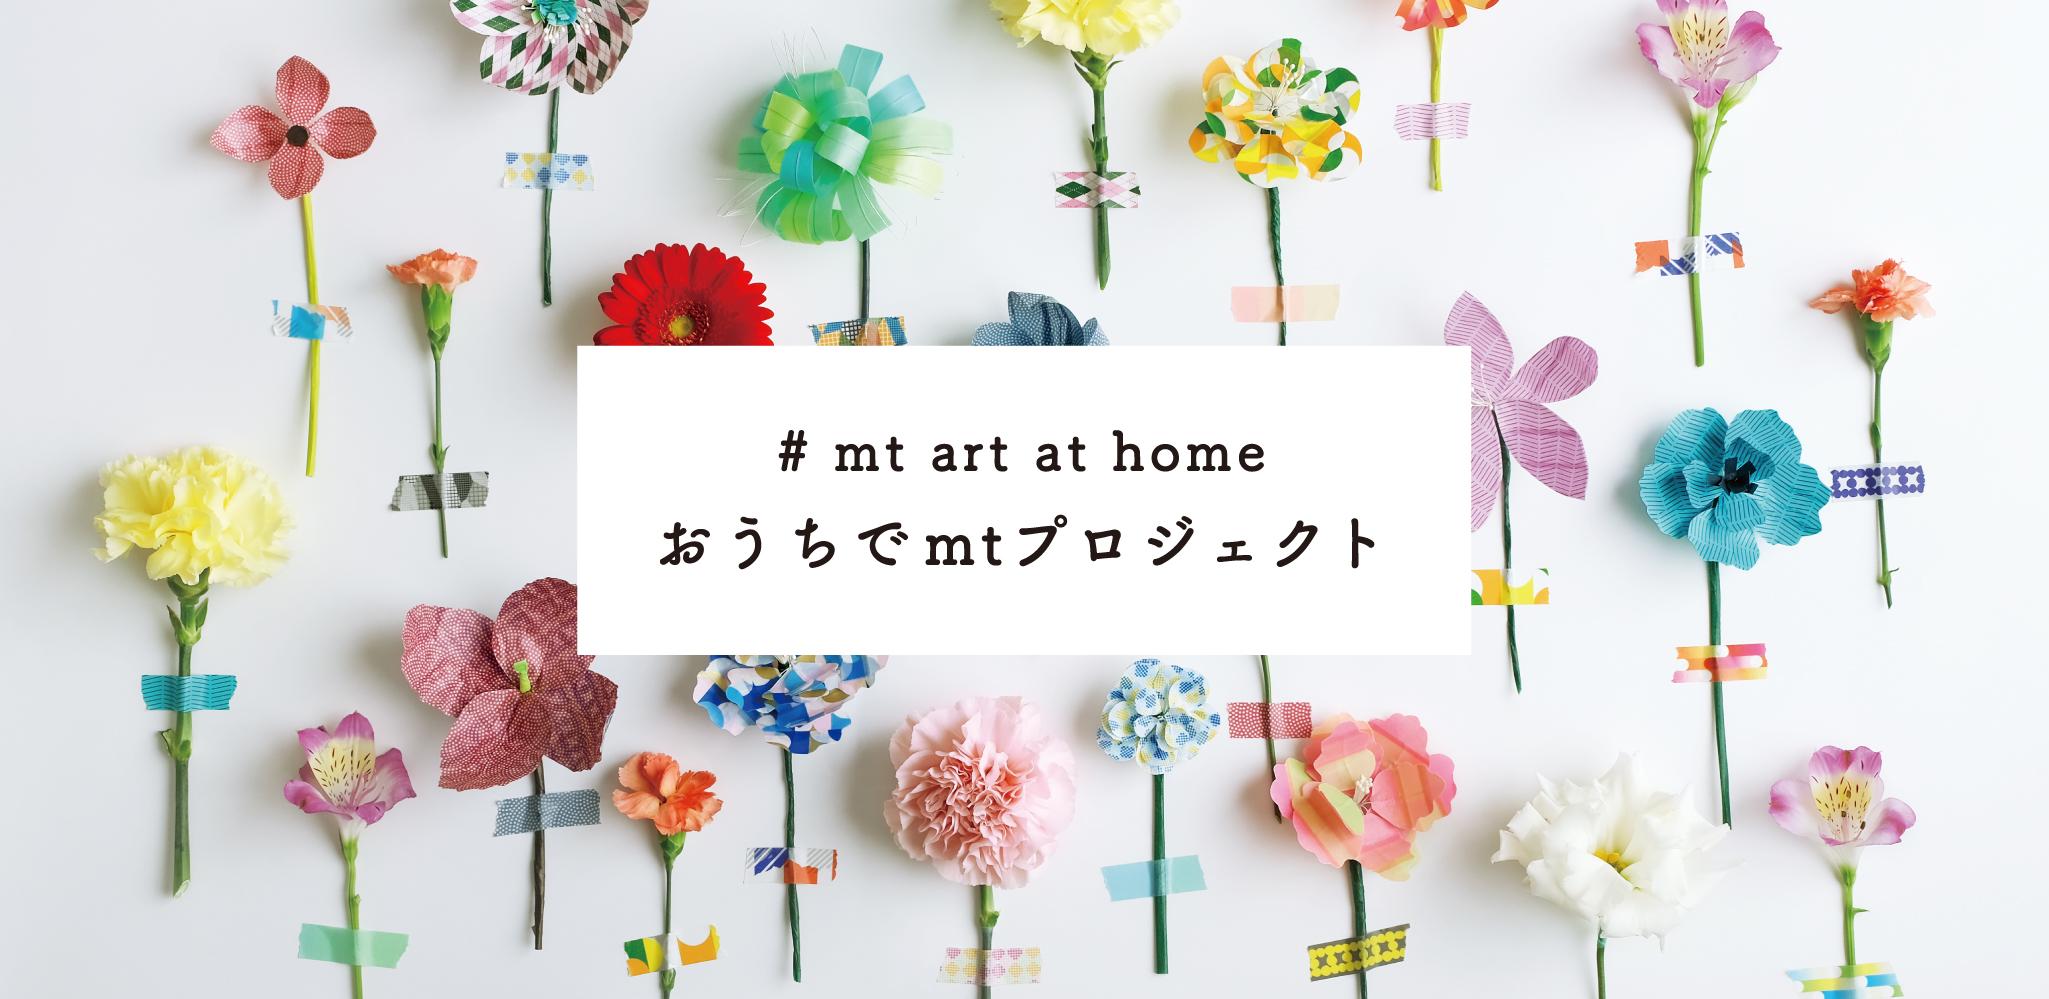 #mt art at home おうちでmtプロジェクト